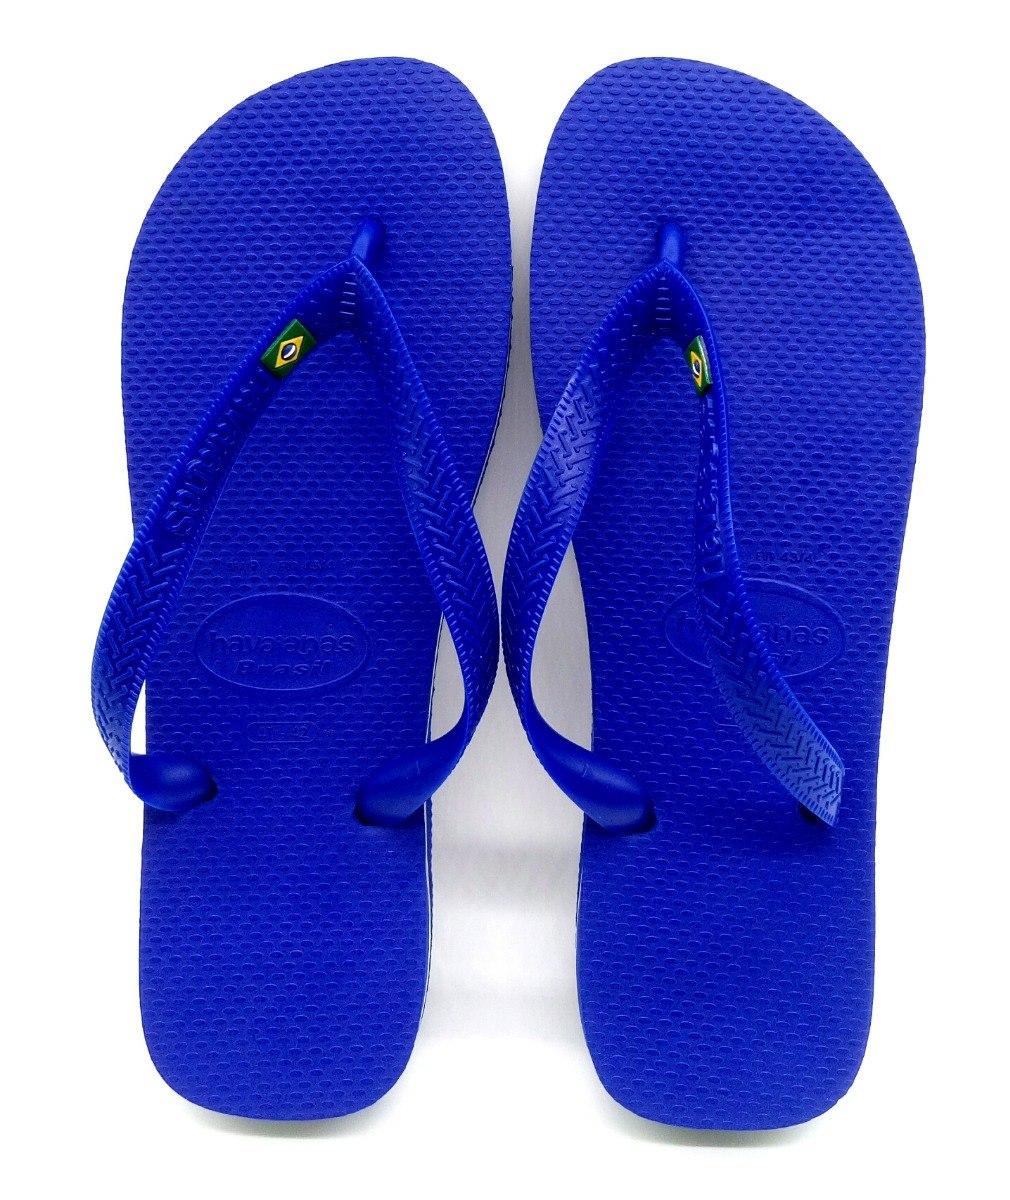 6a1a66bf2b chinelo havaianas brasil masculino azul original. Carregando zoom.